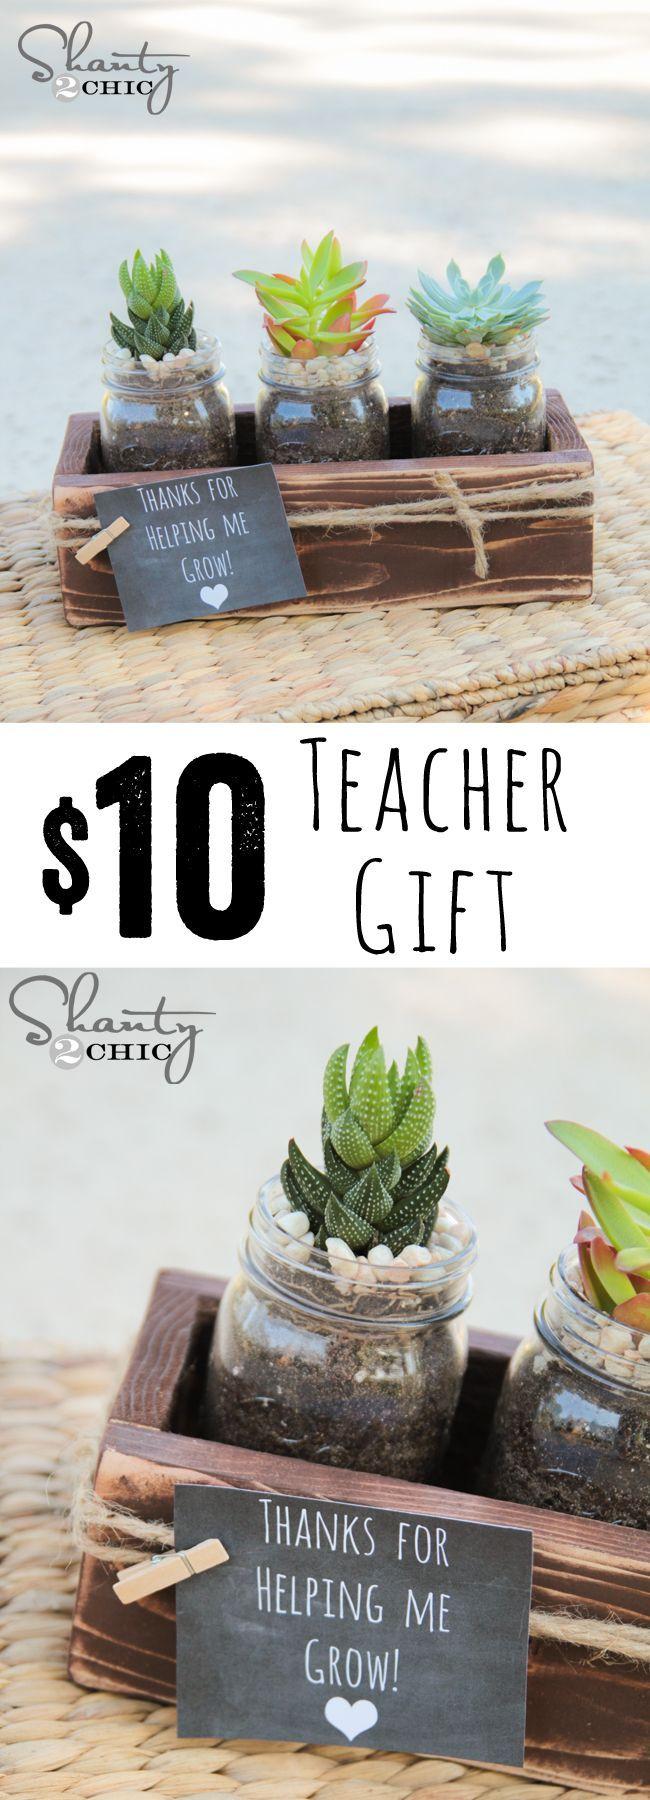 Teacher Gift Idea!!!